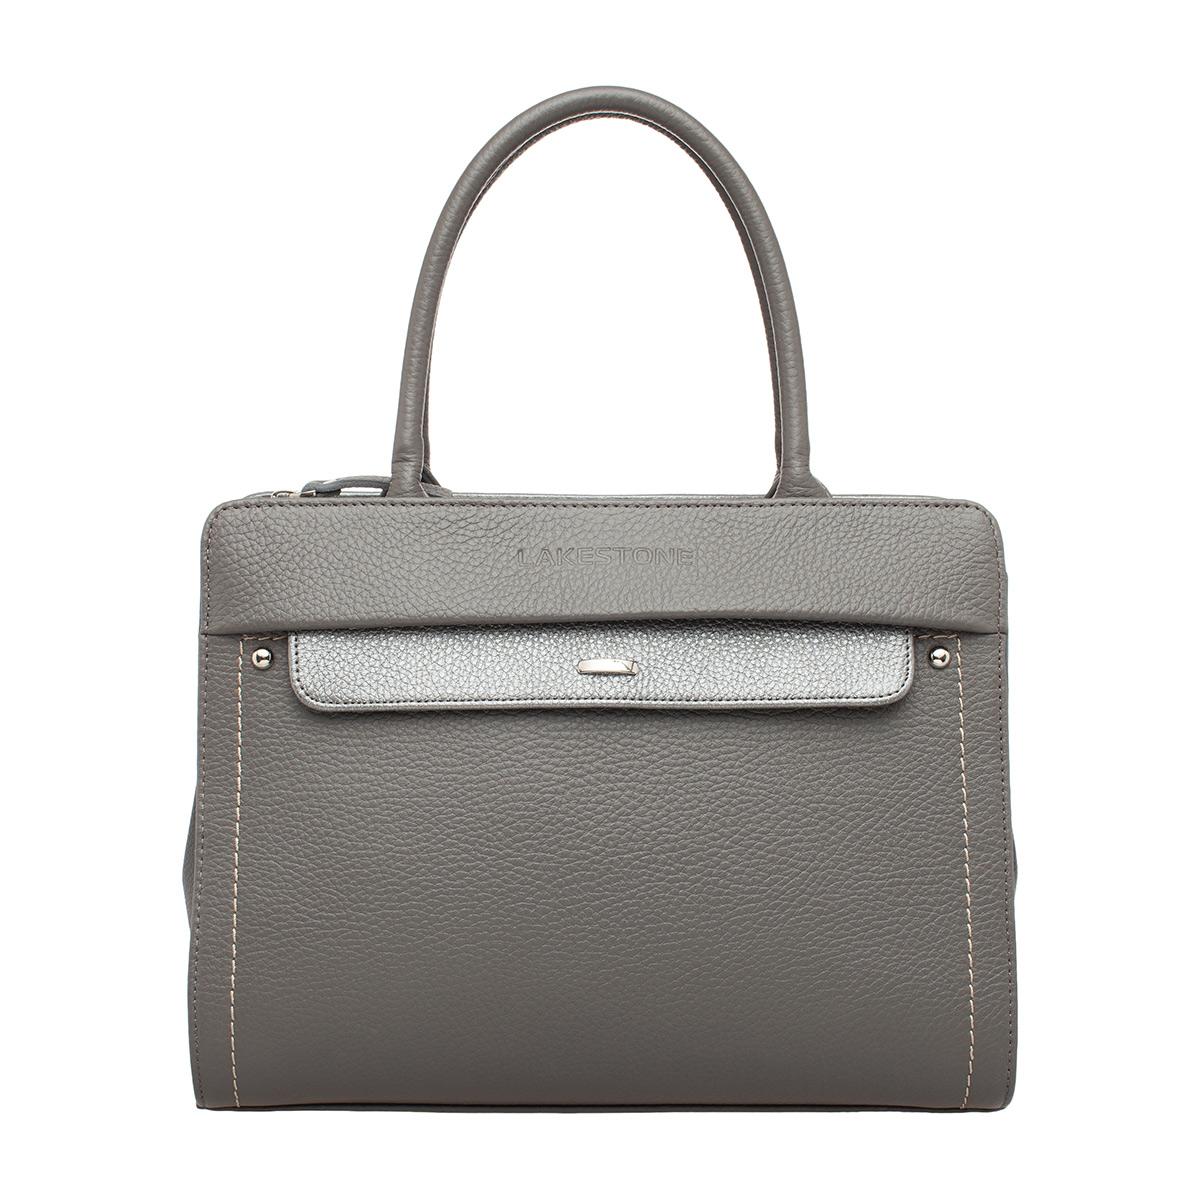 Фото - Женская кожаная сумка Darnley Grey